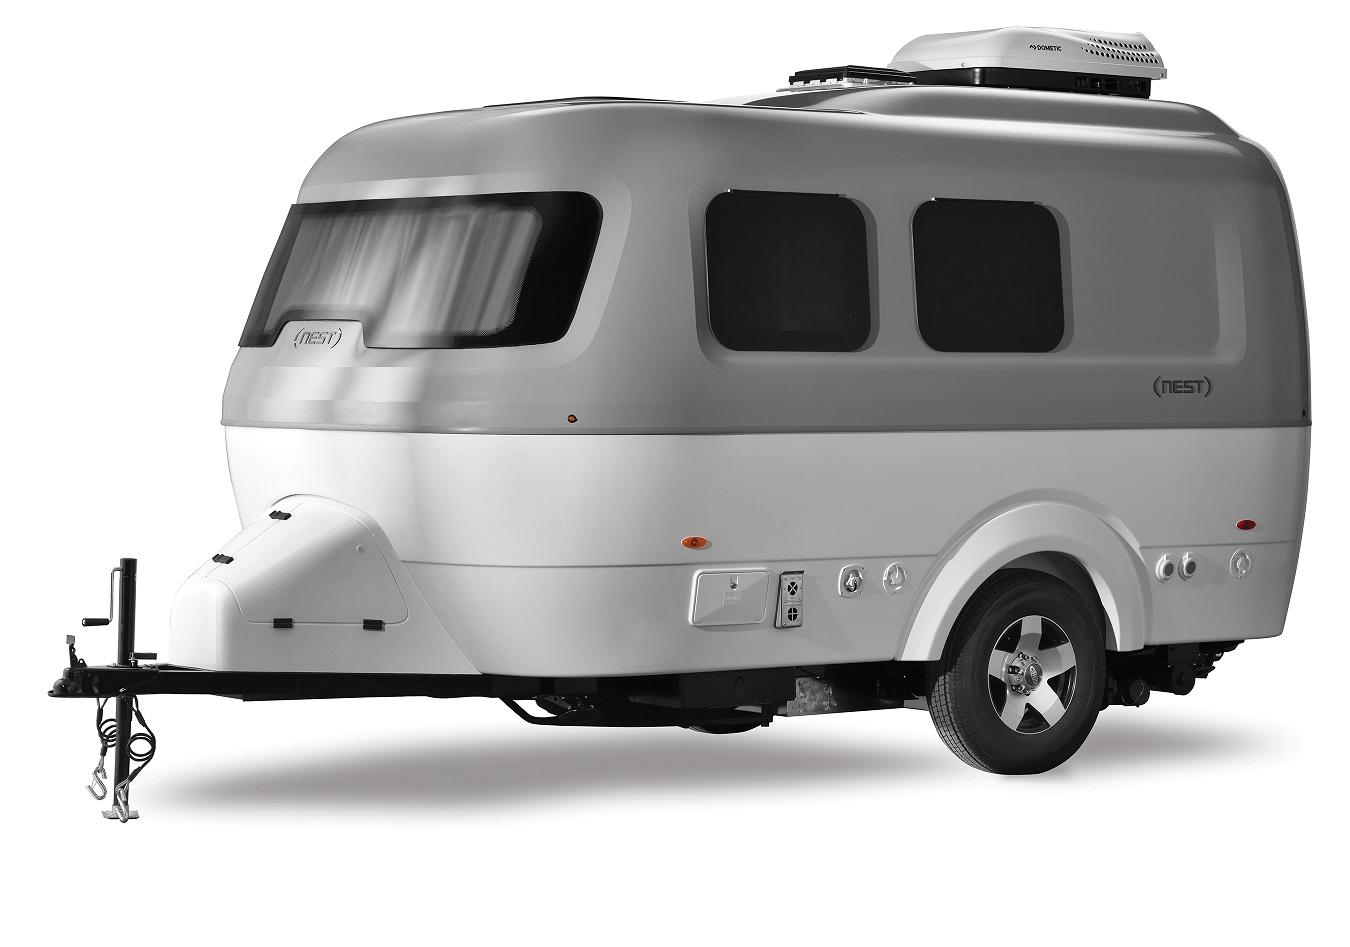 Airstream Nest Caravan